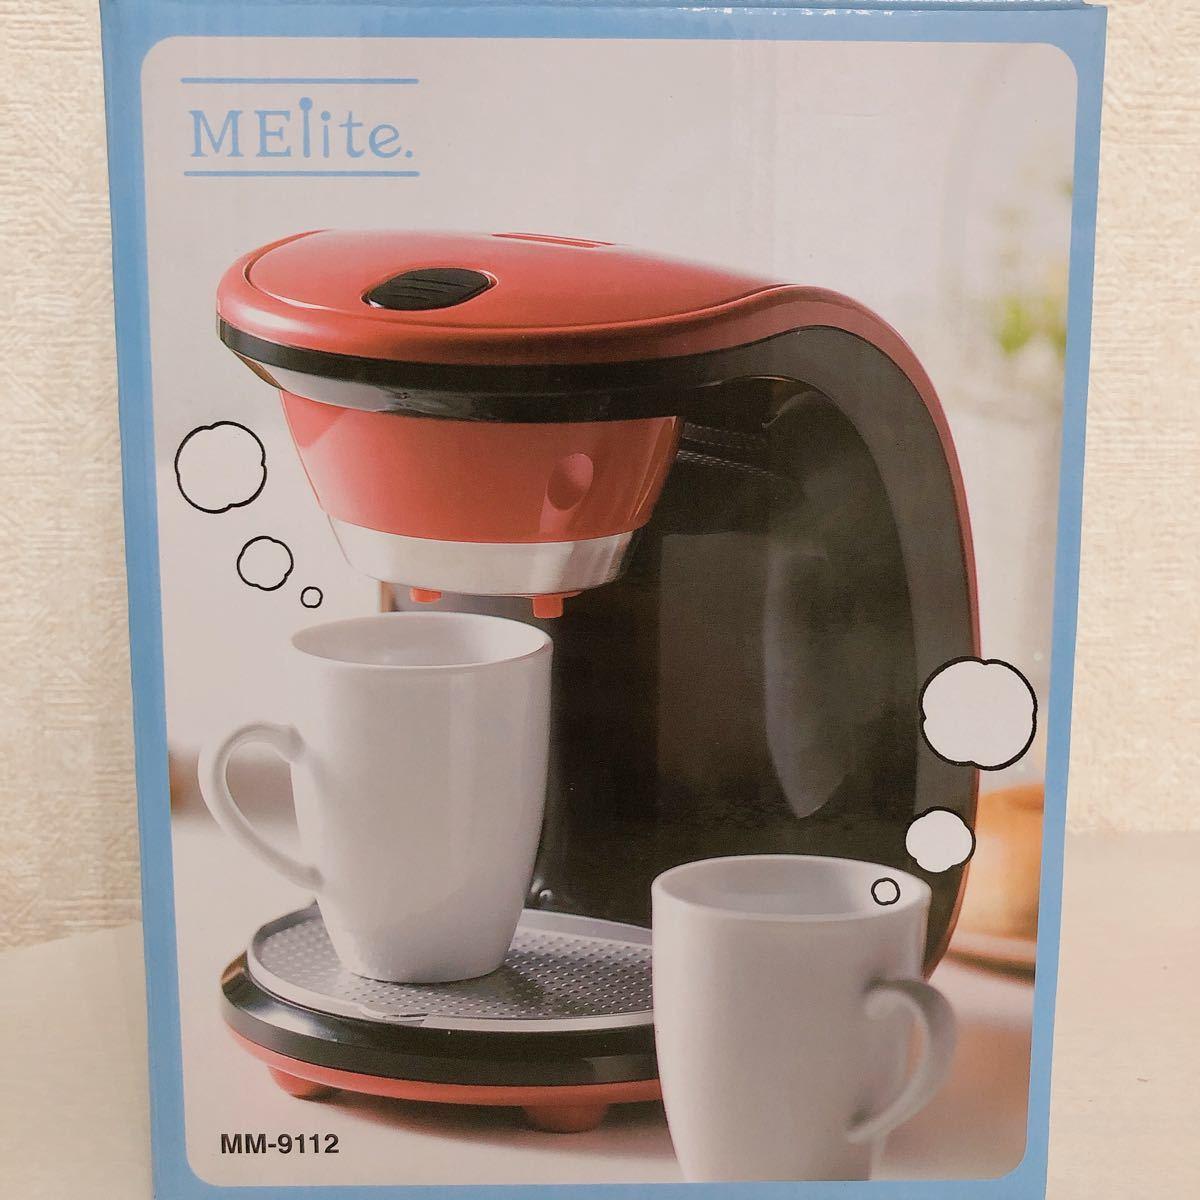 メリート コーヒーメーカー 新品 未使用